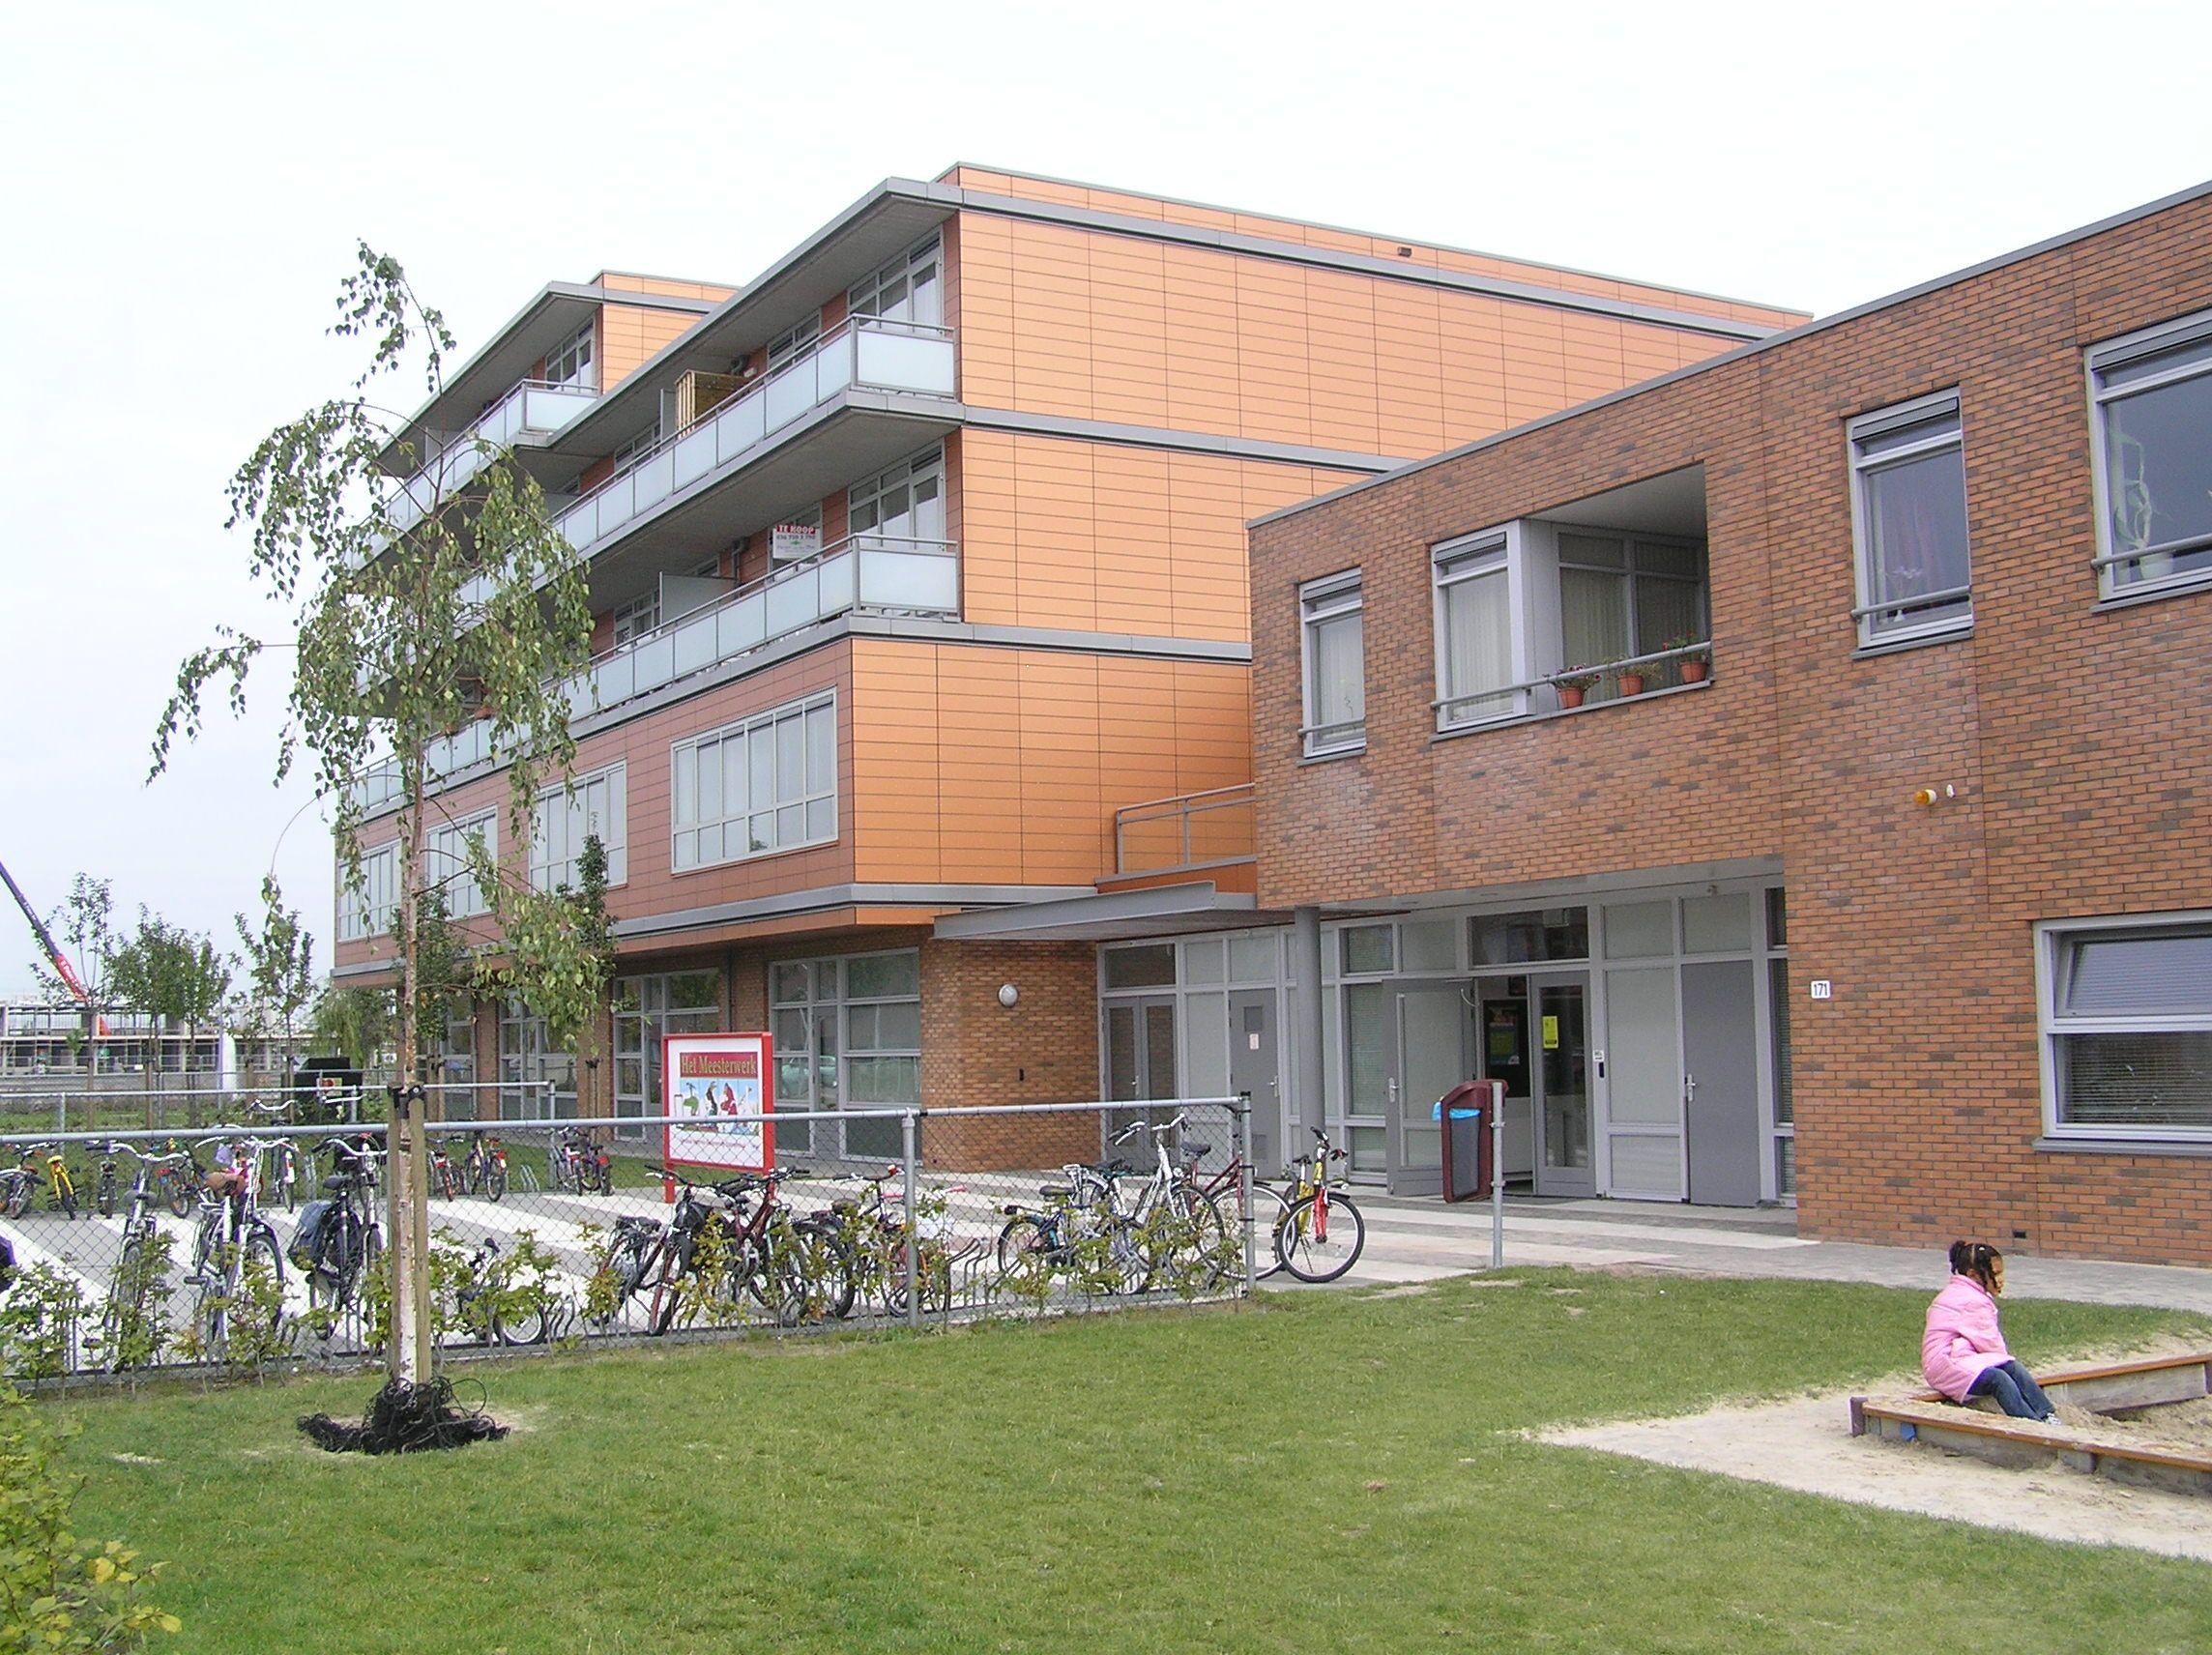 Brede school het meesterwerk svp stedenbouw en architectuur